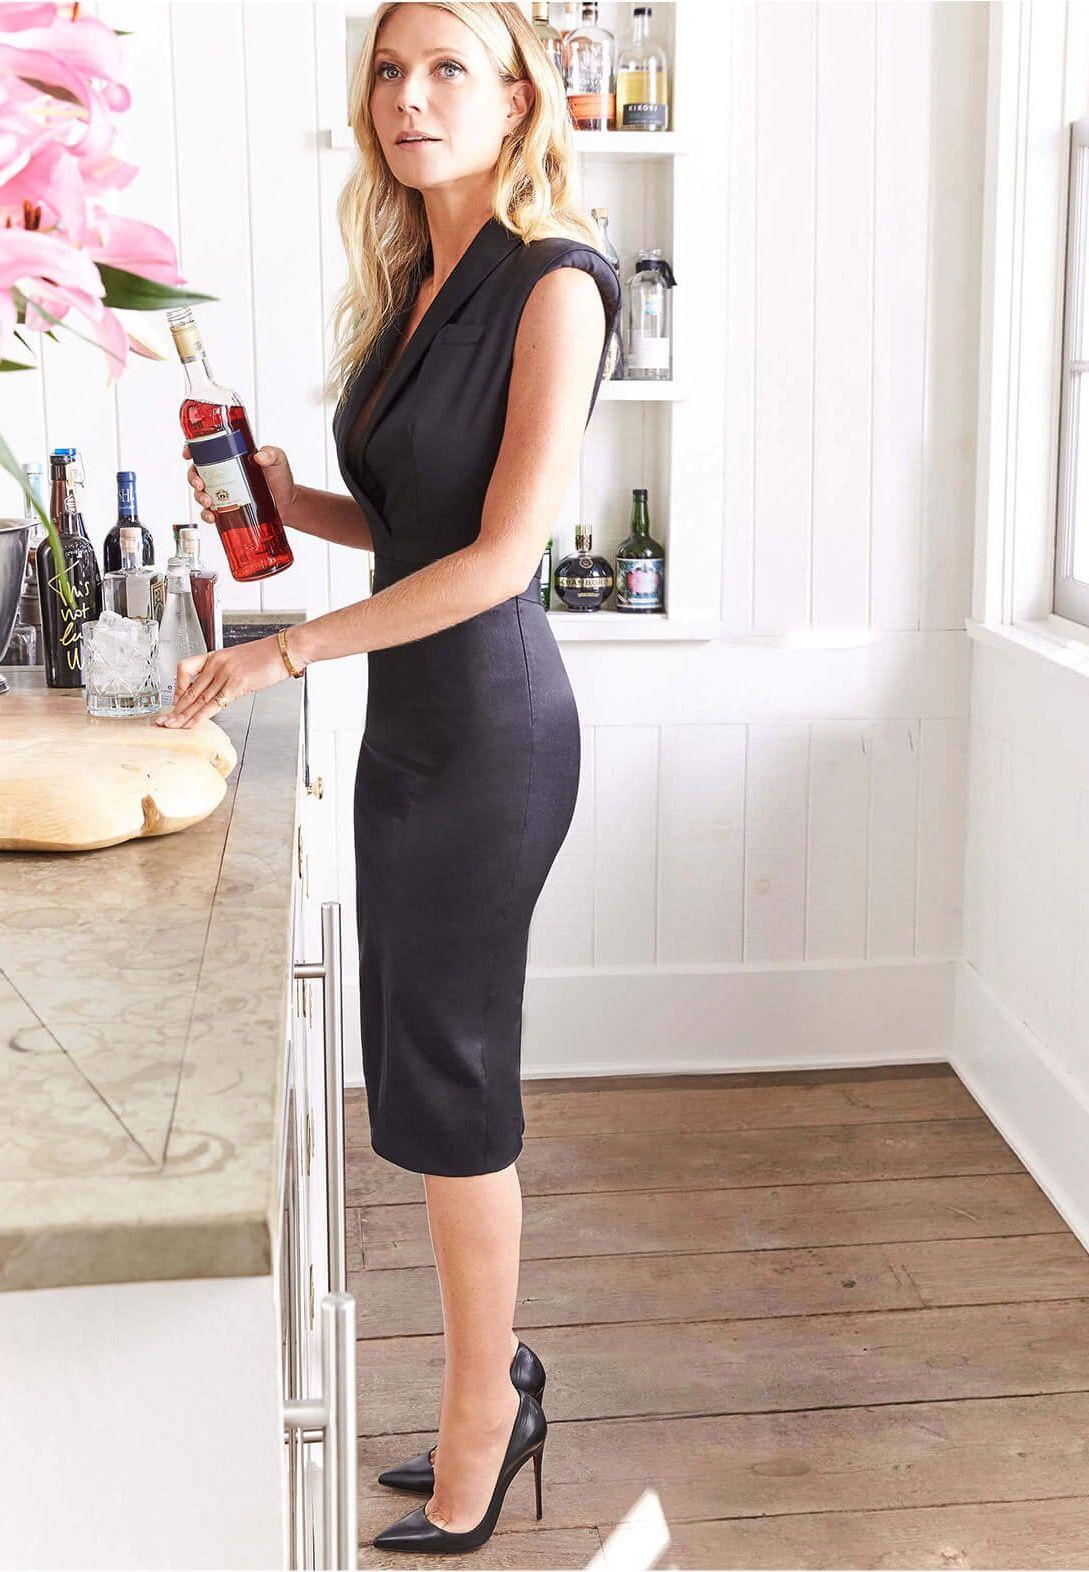 Gwyneth Paltrow Sexy Elegance In A Little Black Dress -6740